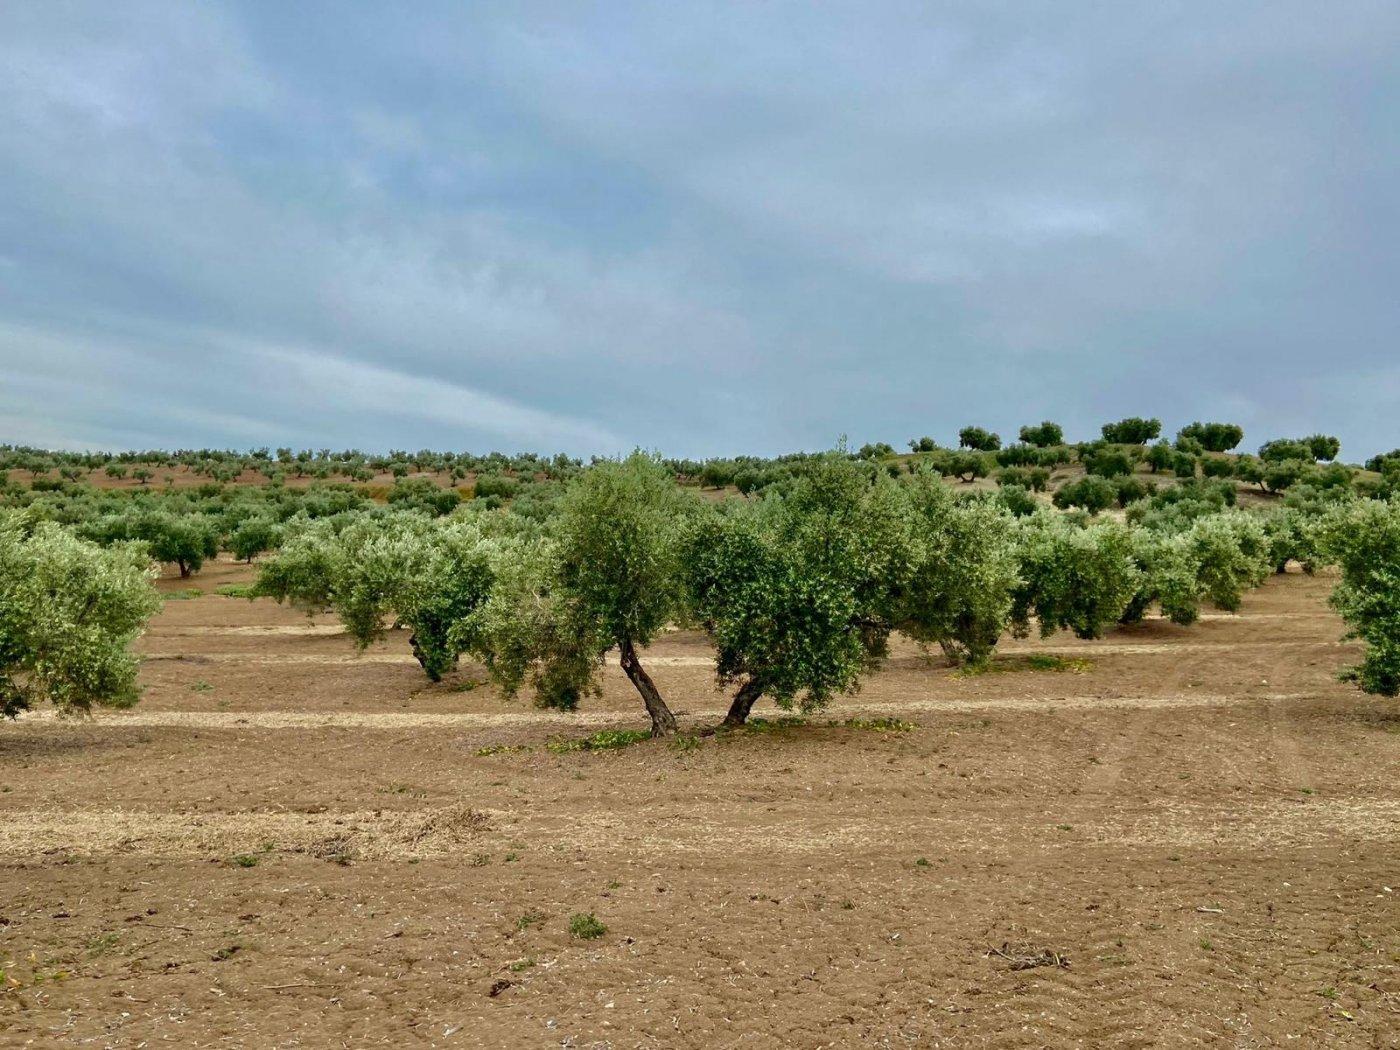 Fincas de olivos en producción